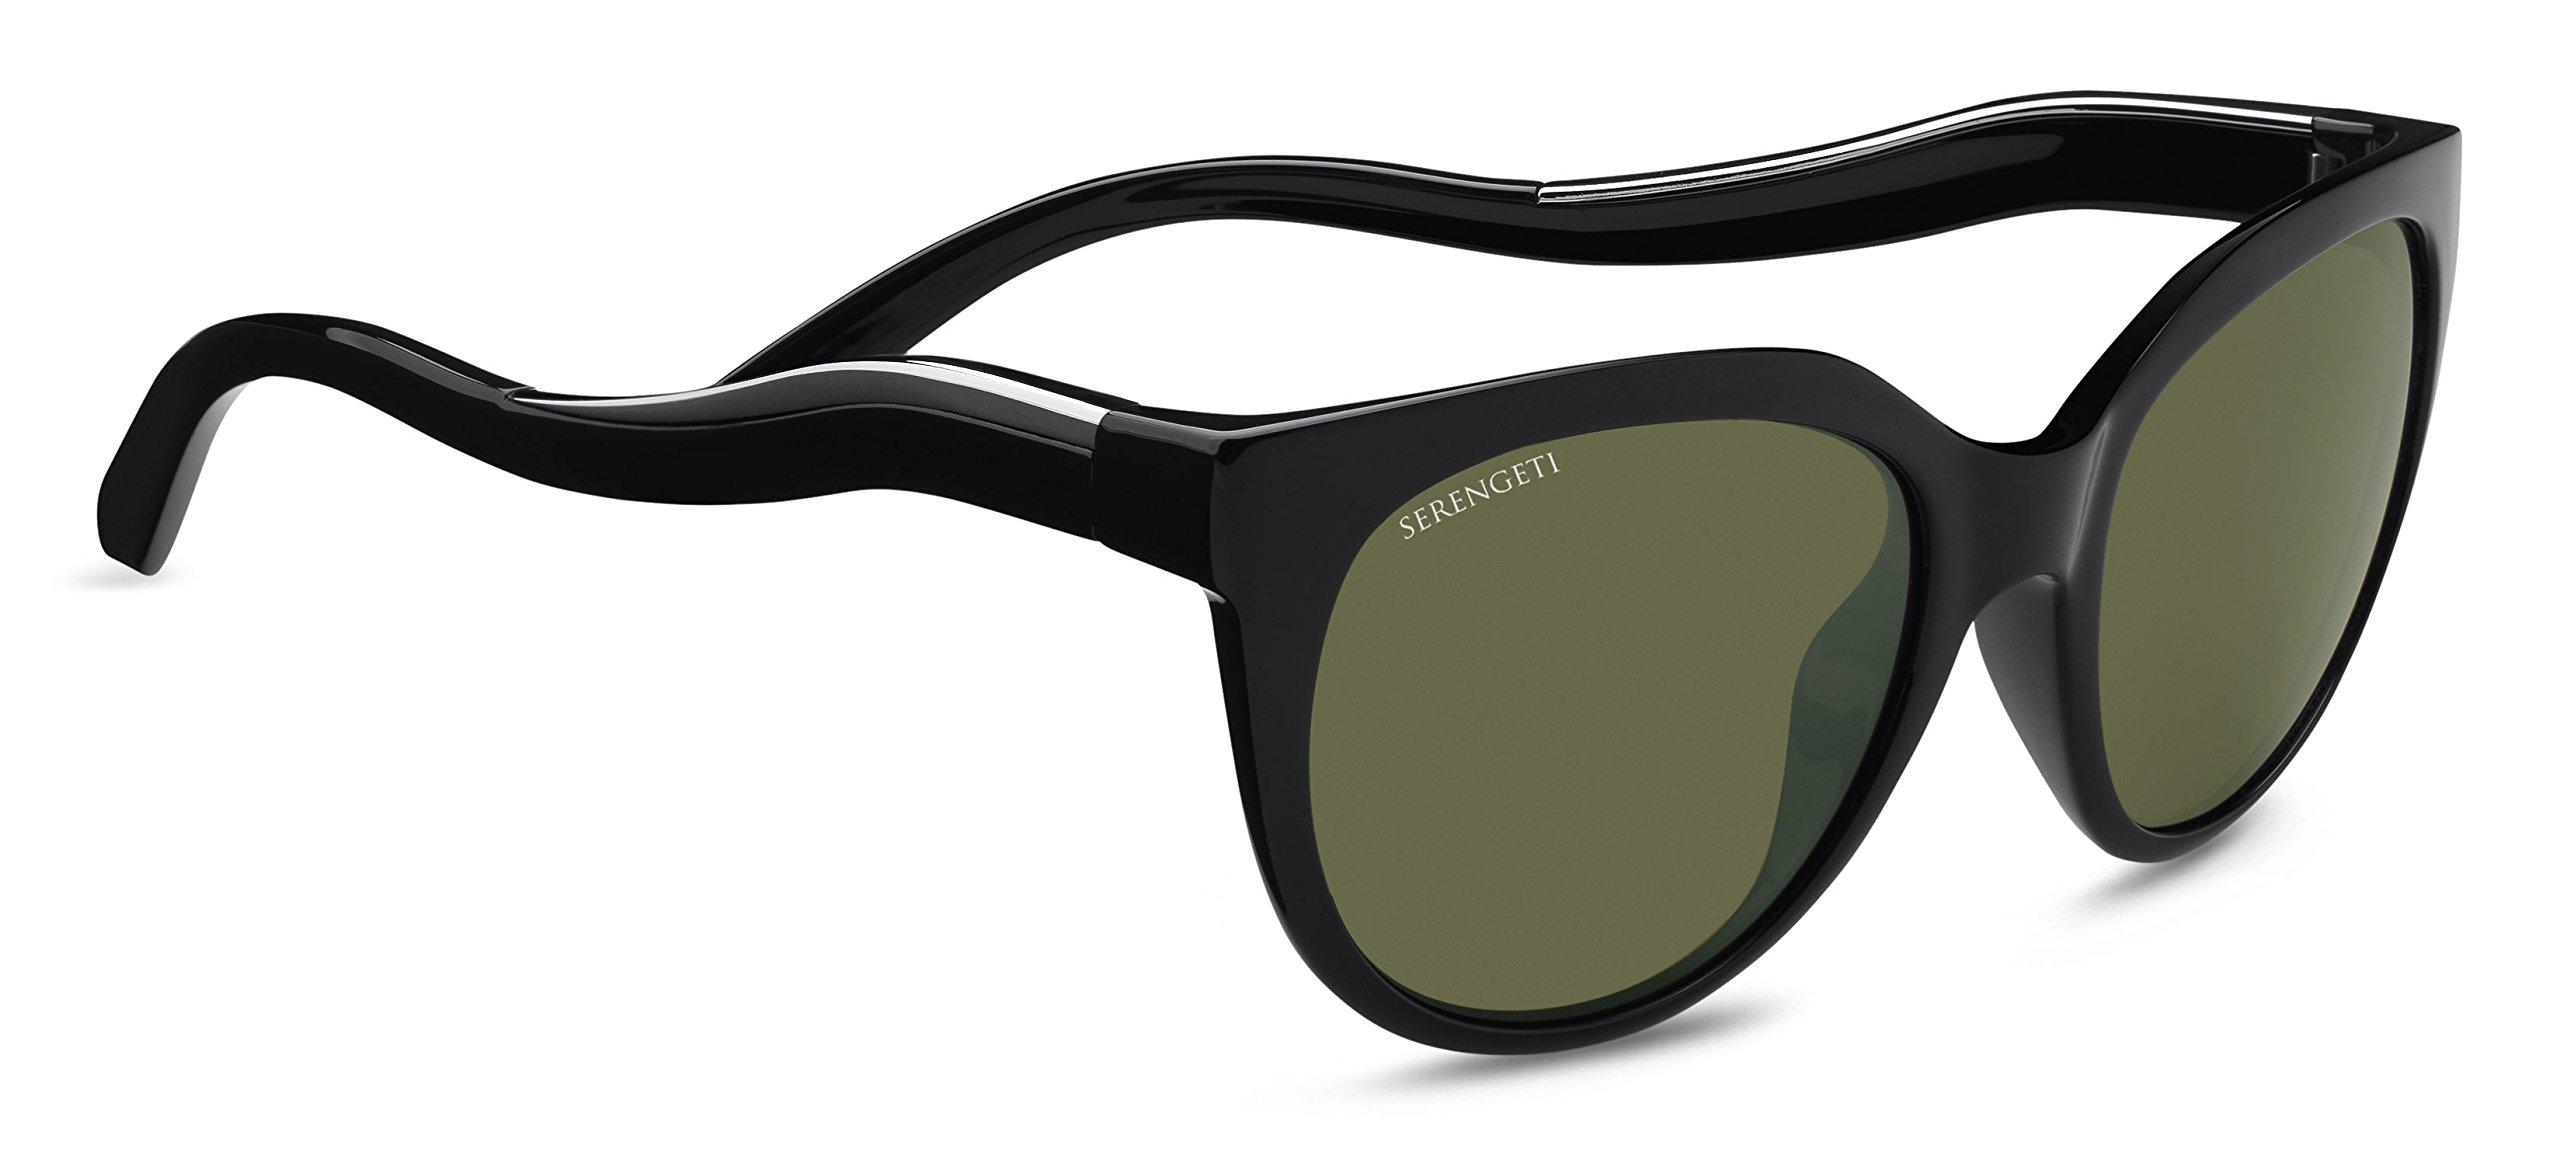 Serengeti Lia Sunglasses Shiny Black/Shiny Silver, Green